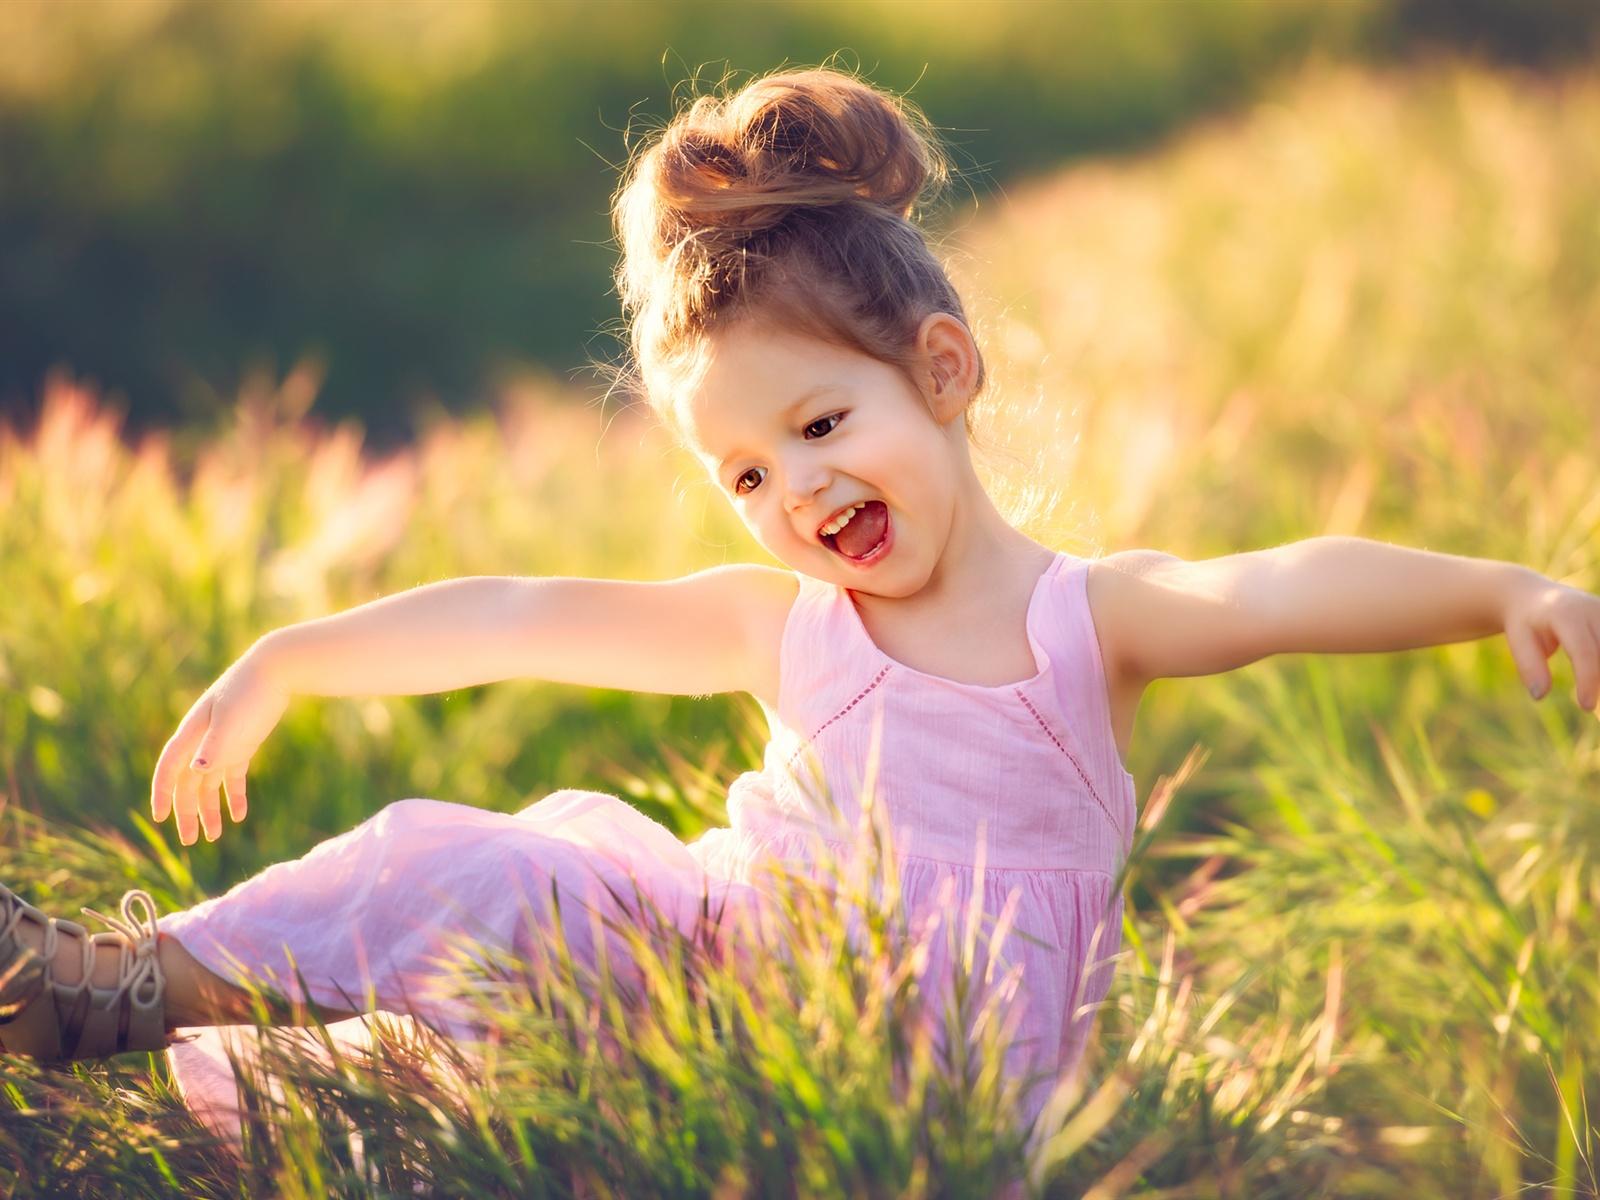 Fondos de pantalla Niño feliz niña 7b2298ea0f6